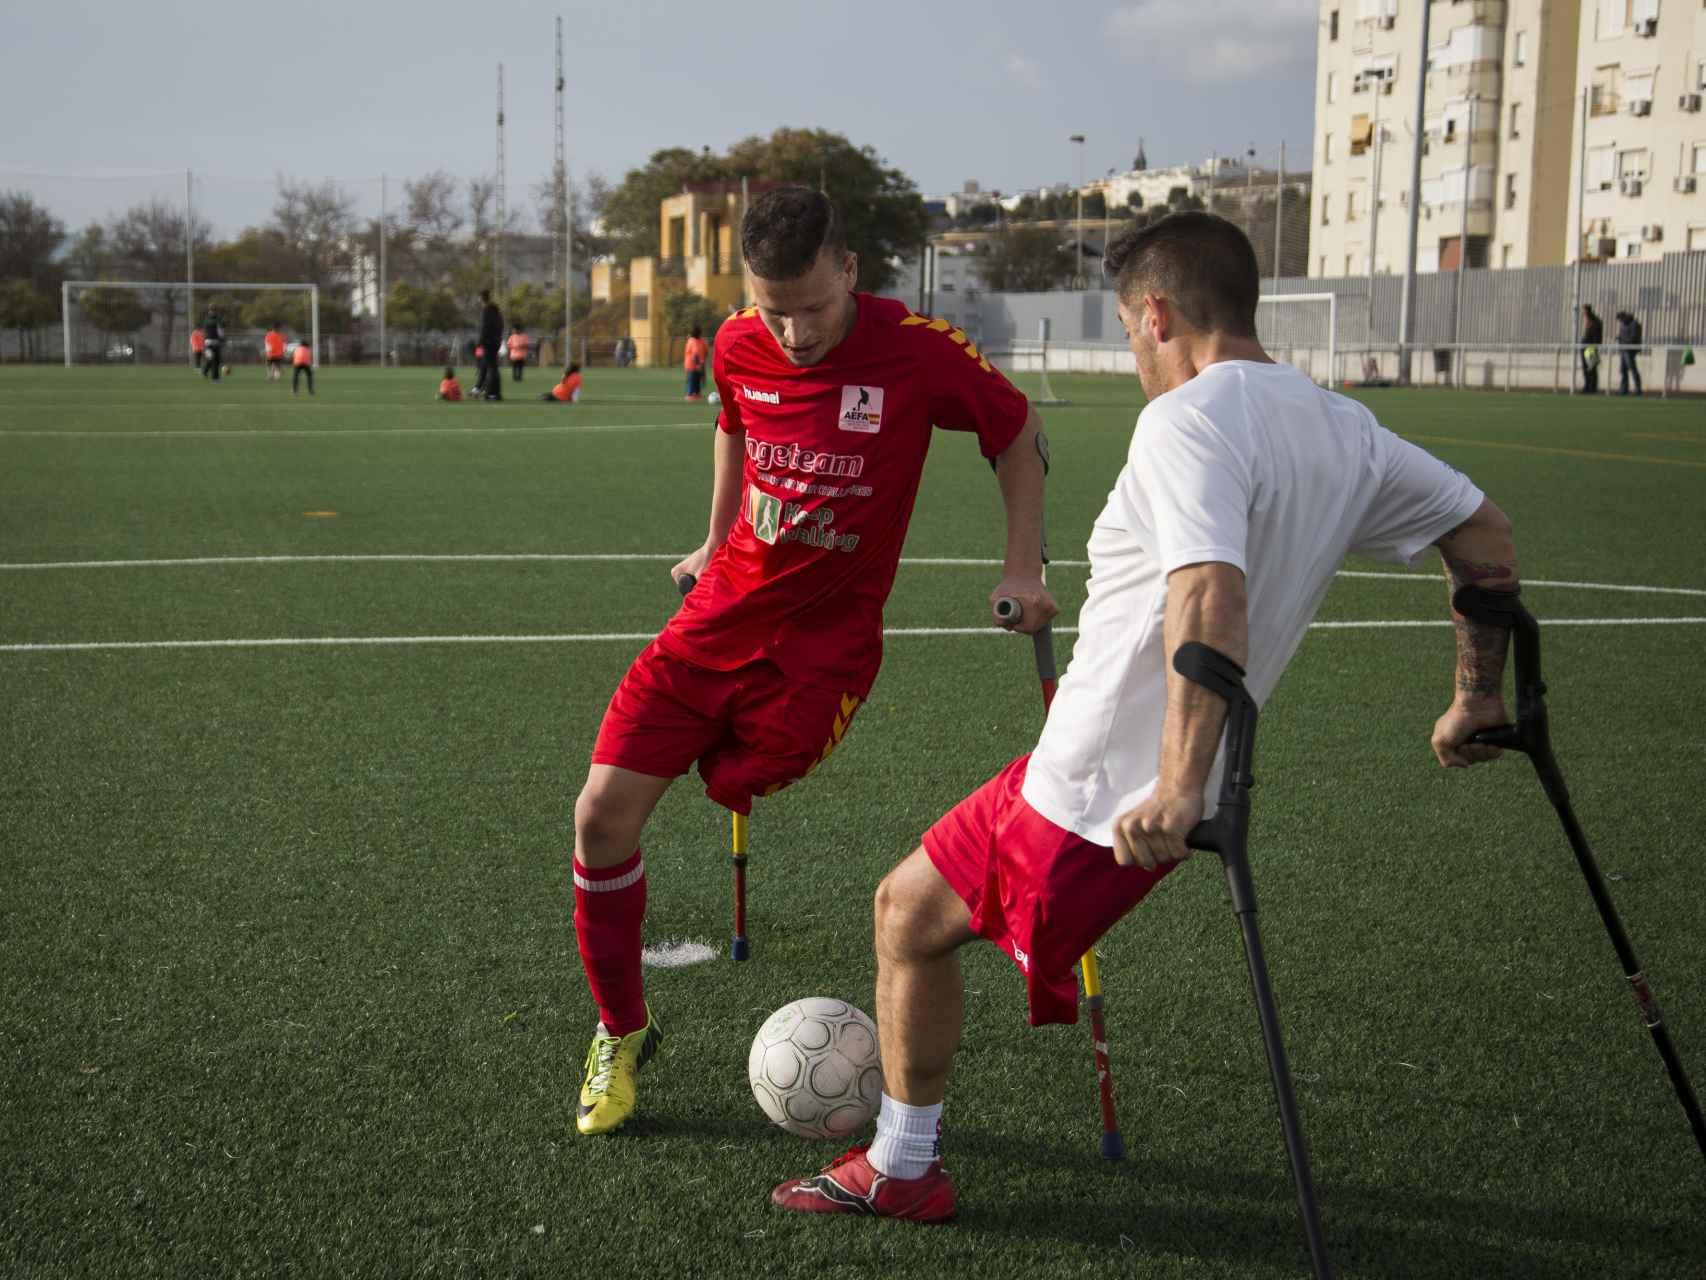 Ihan Ettalib y Francisco Vaquero, de la selección española de amputados, tras el entrenamiento.